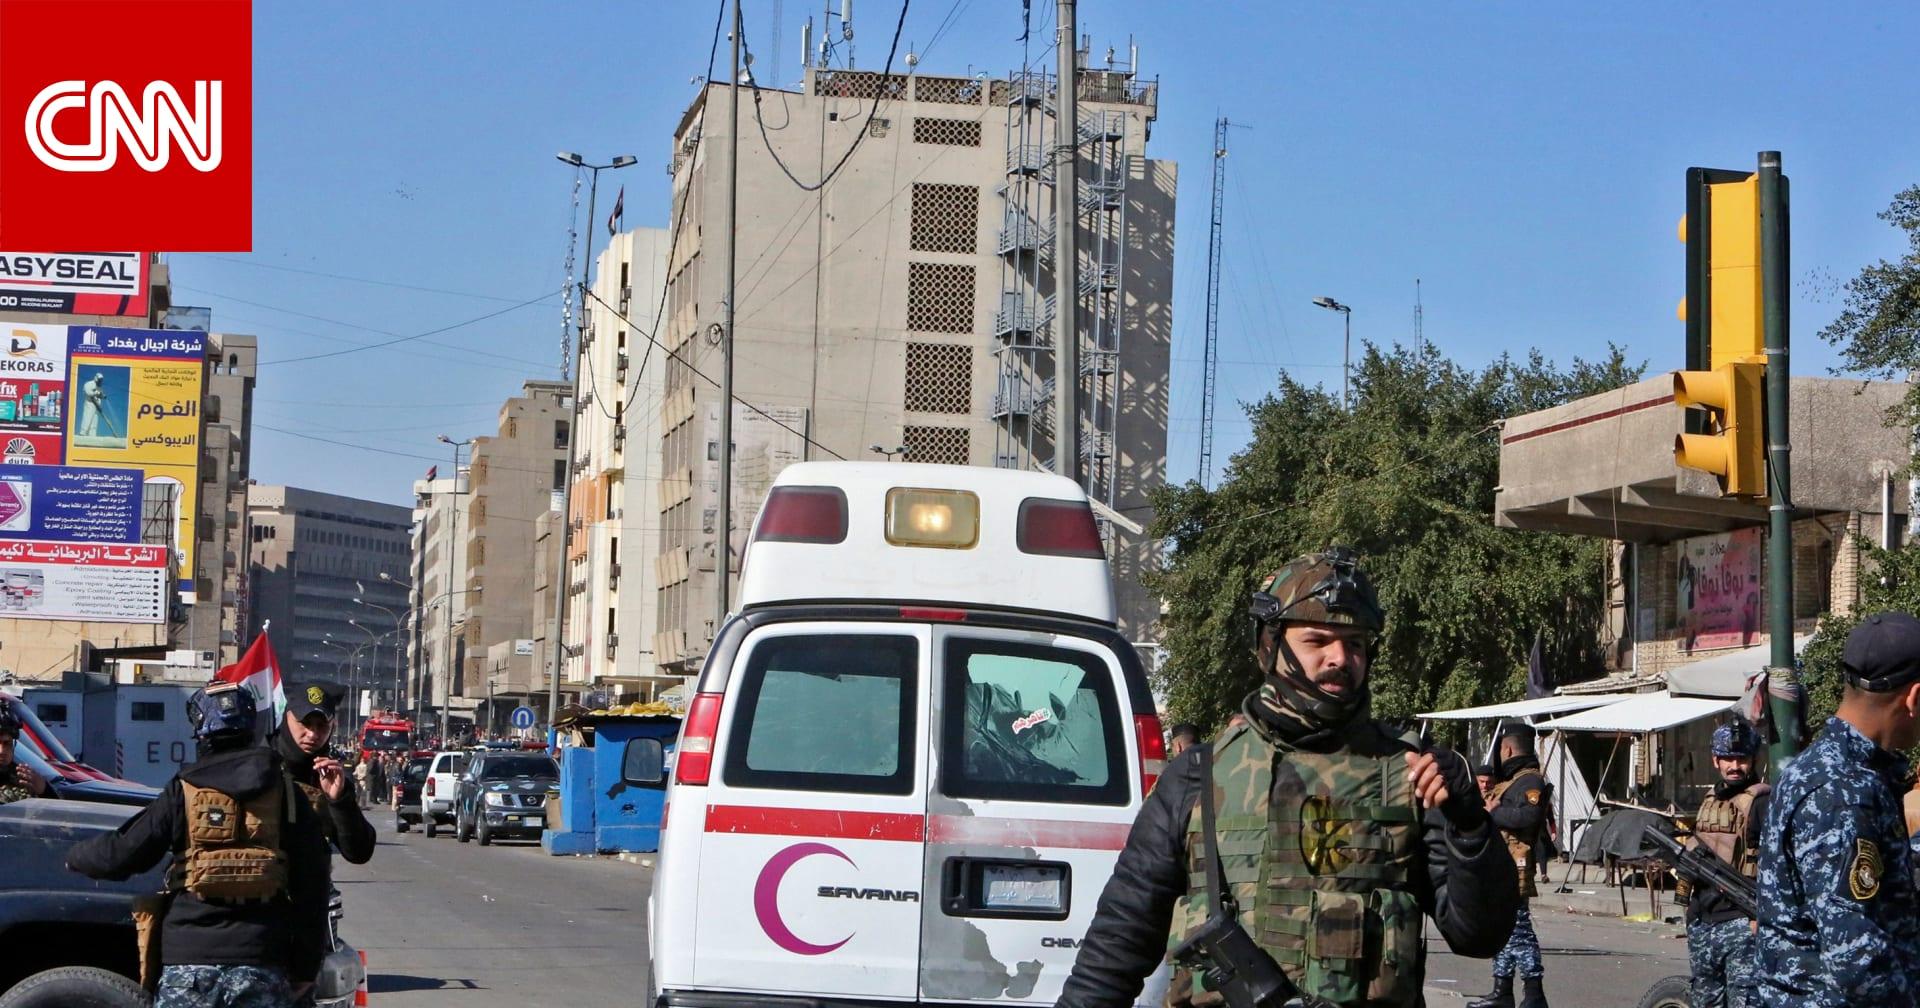 العراق: مقتل 32 وإصابة 110 في تفجير مزدوج وسط بغداد.. والكاظمي يأمر بتغييرات أمنية